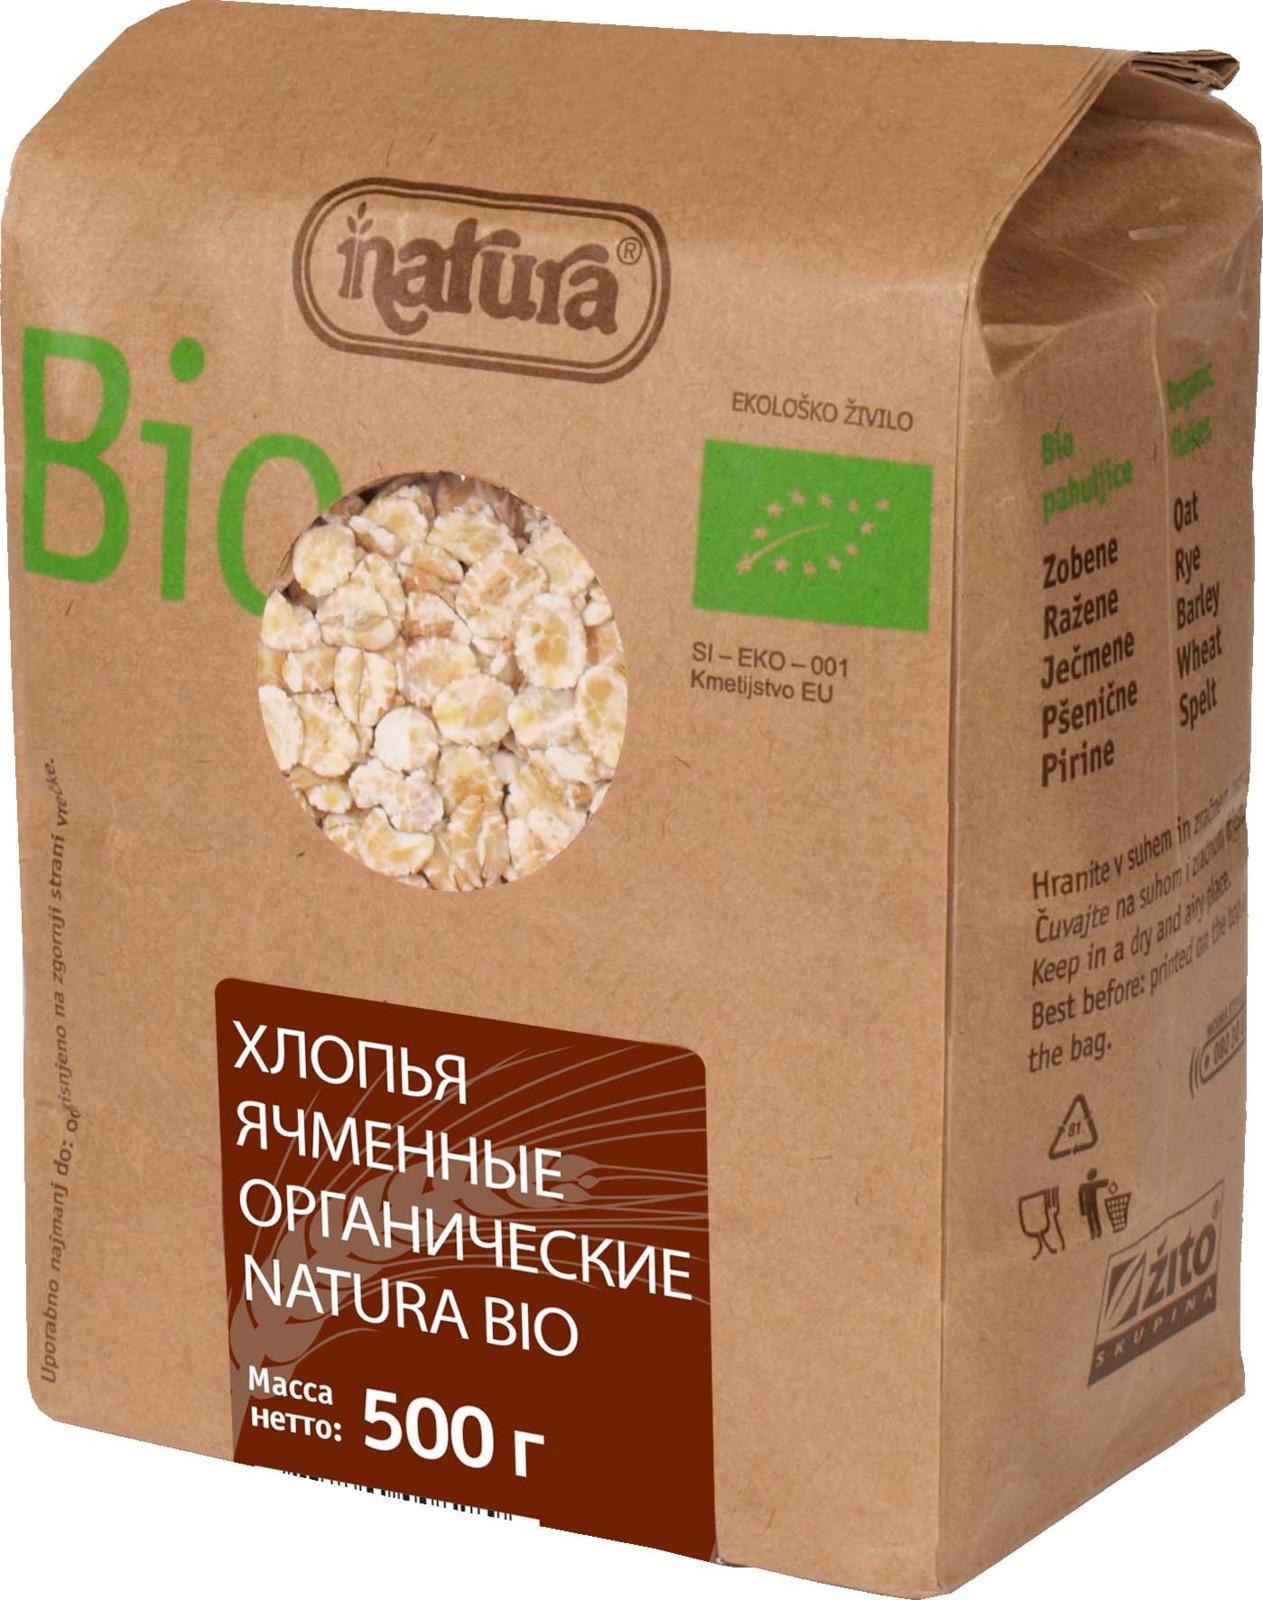 Zito Natura Bio Хлопья ячменные, 500 г